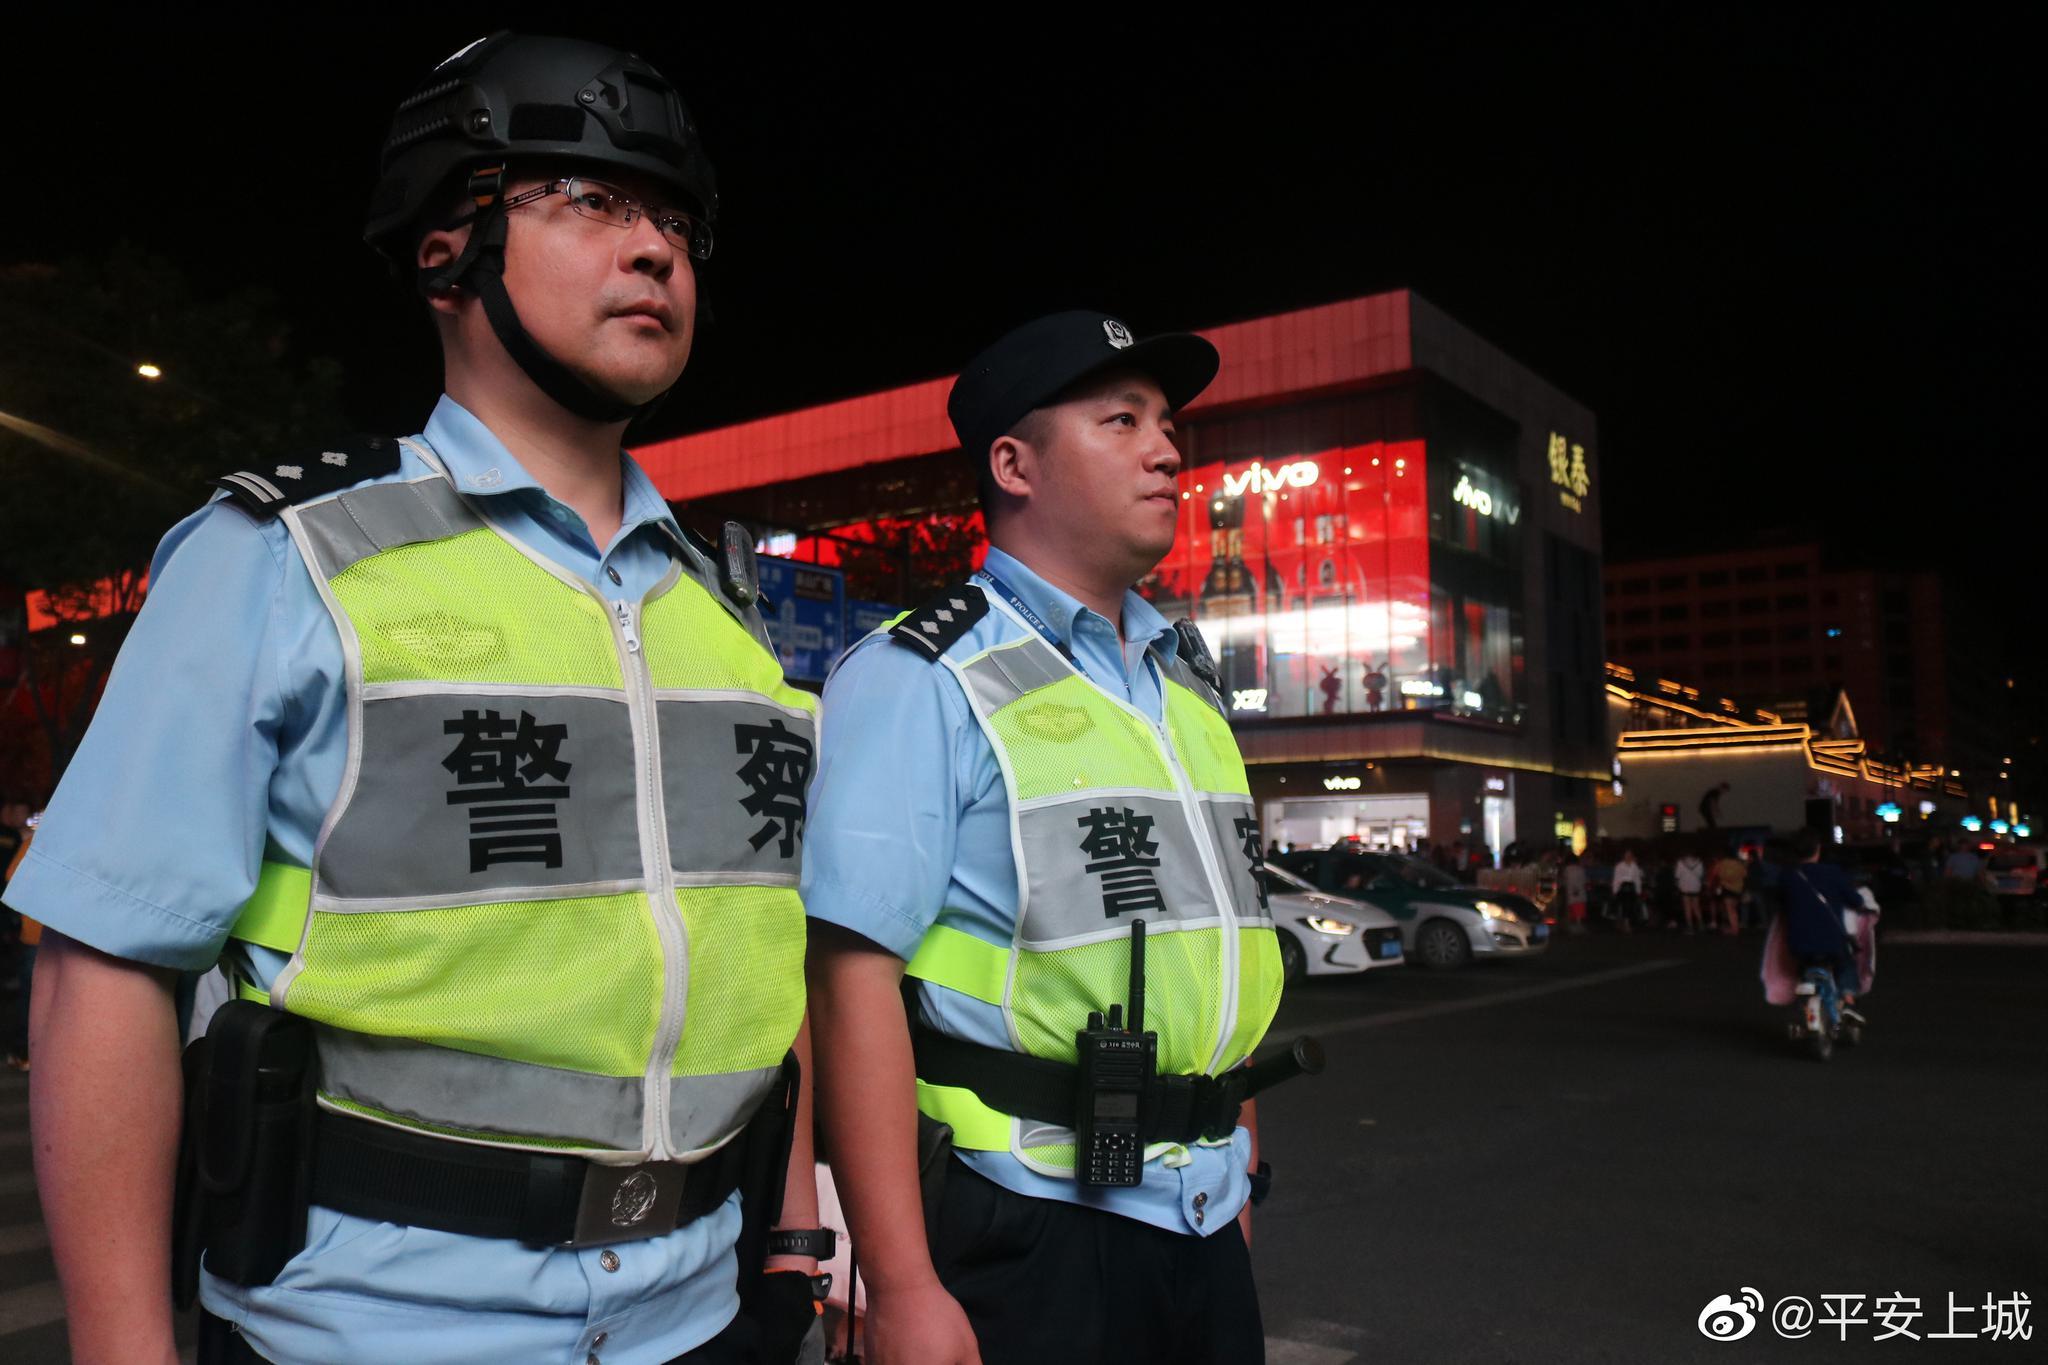 9月23日,上城警方根据全市公安机关统一部署